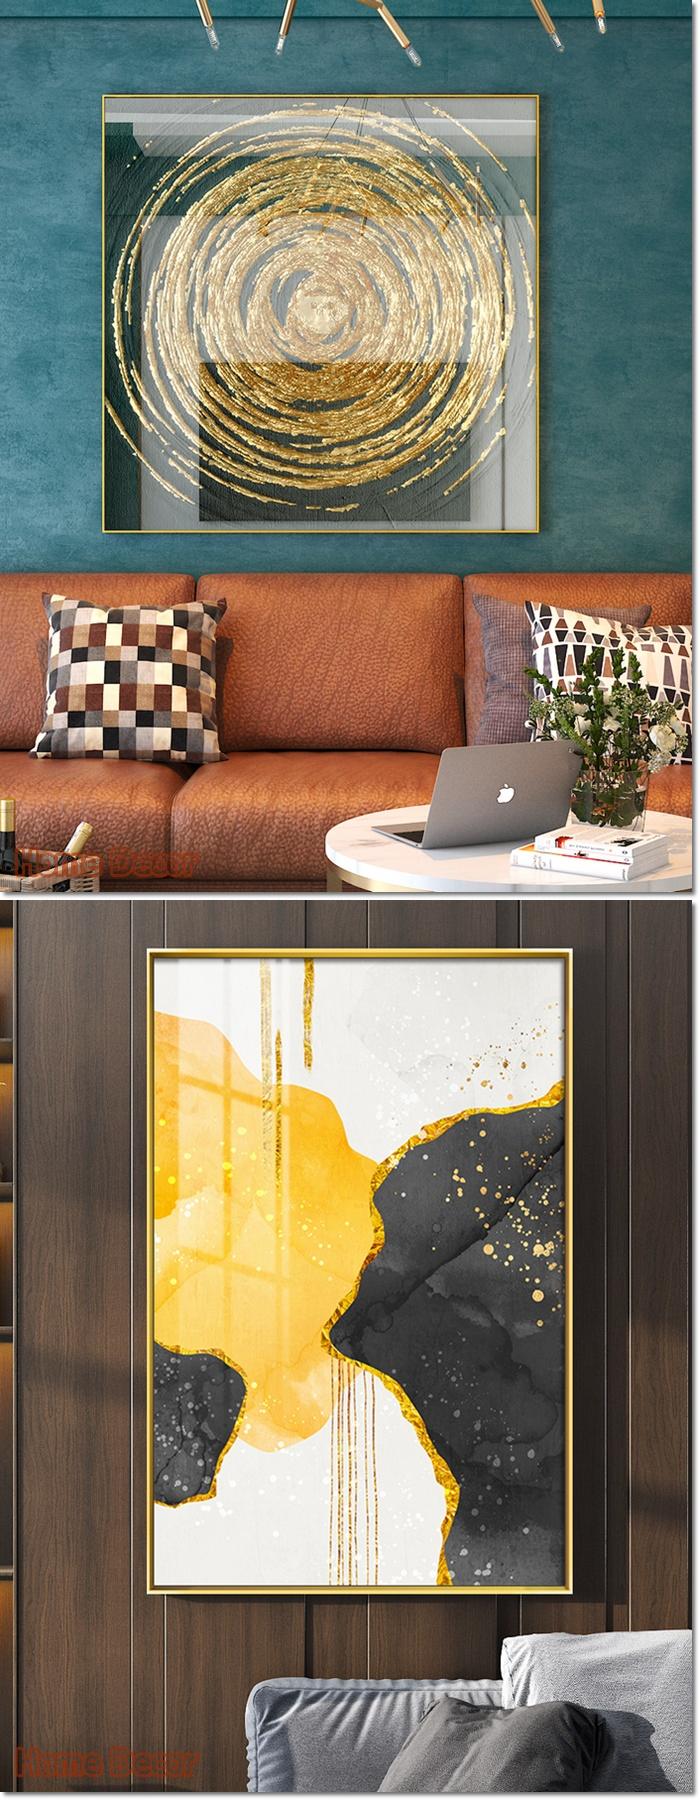 Canvas Art 2020 How Do I Choose Wall Art For My Home Canvas Art Art Wall Art